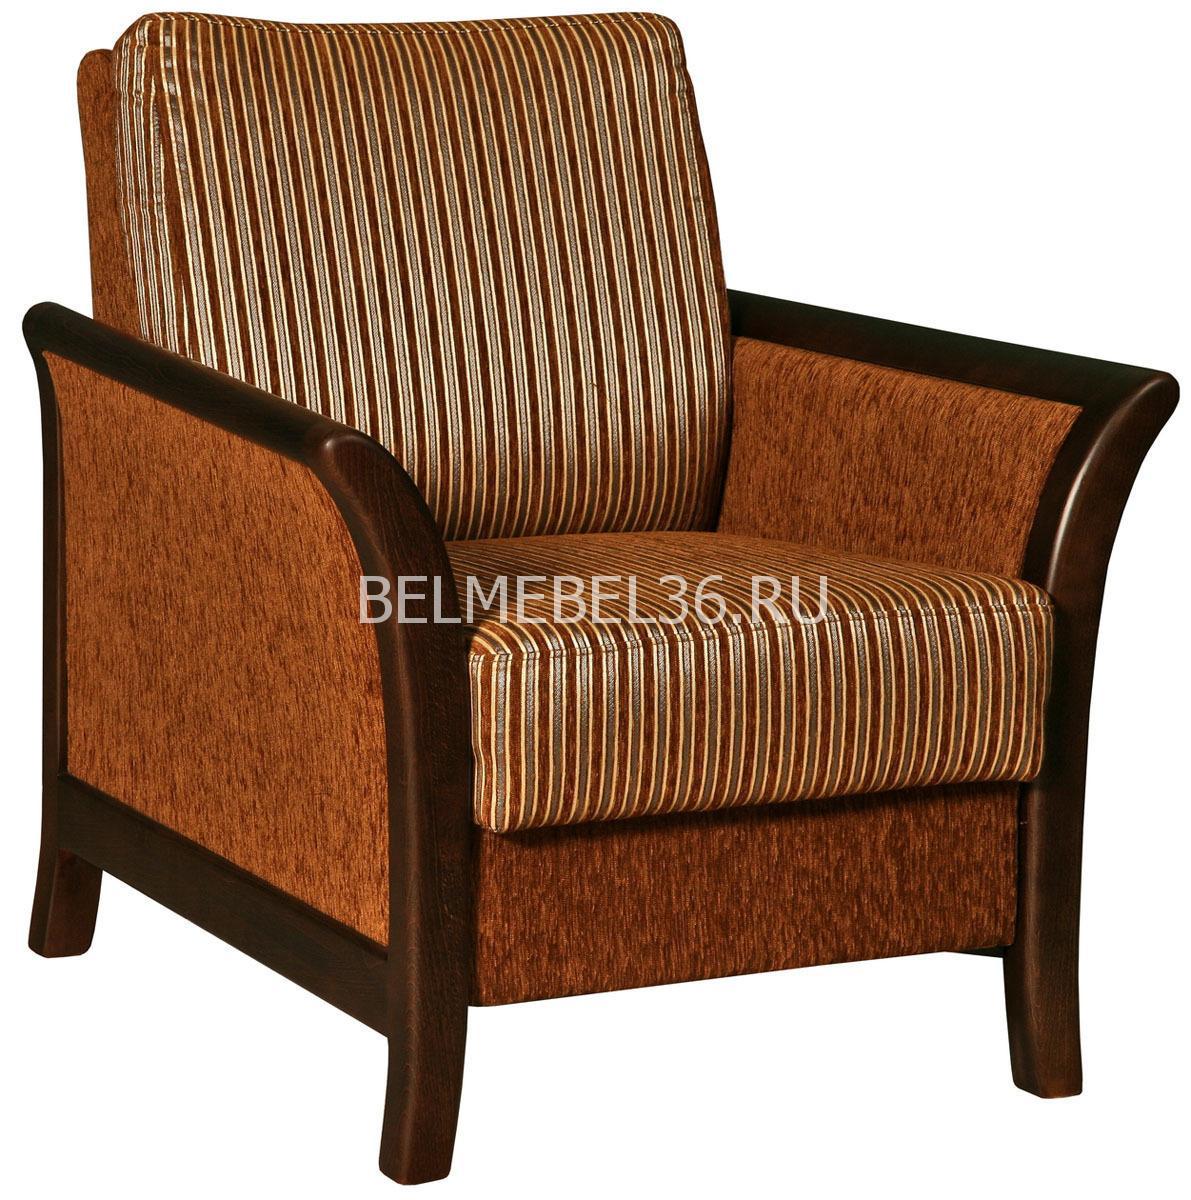 Кресло Канон 1 (12) П-Д126   Белорусская мебель в Воронеже